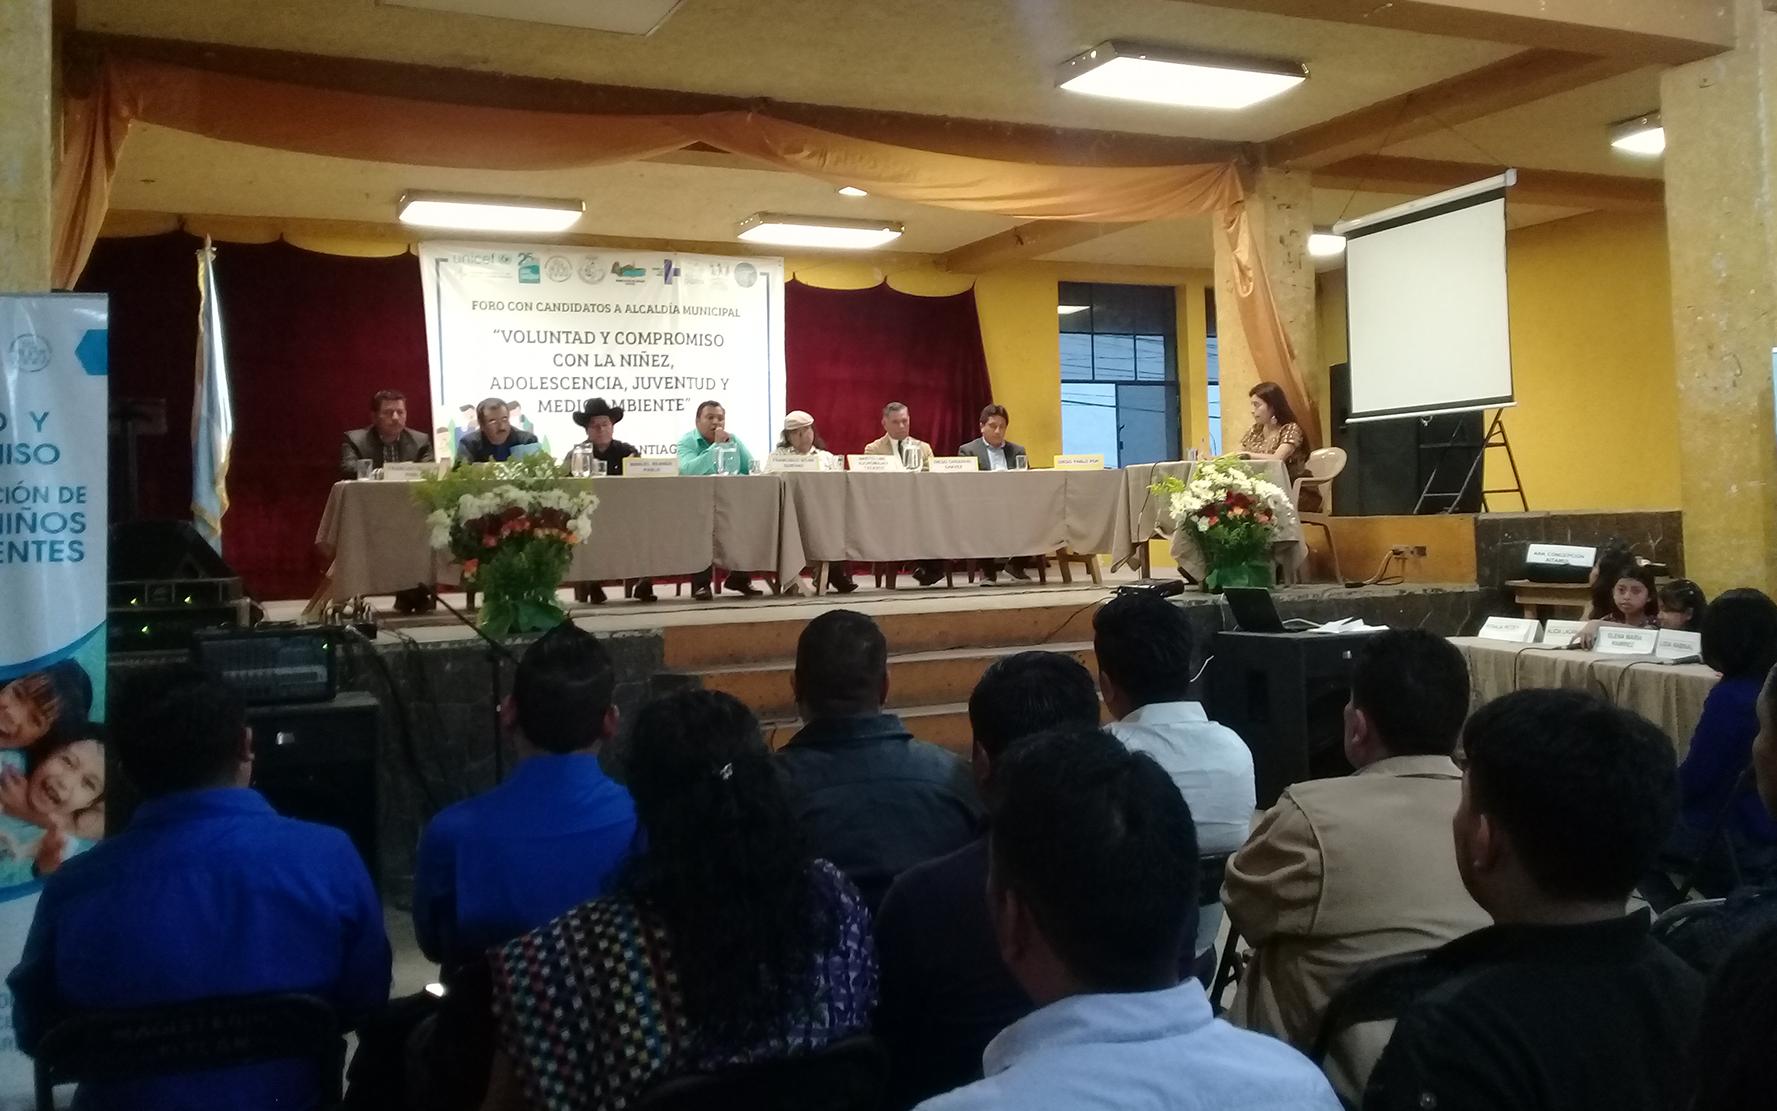 Candidatos a alcalde firman compromiso con niñez, adolescencia, juventud y medio ambiente, en Santiago Atitlán